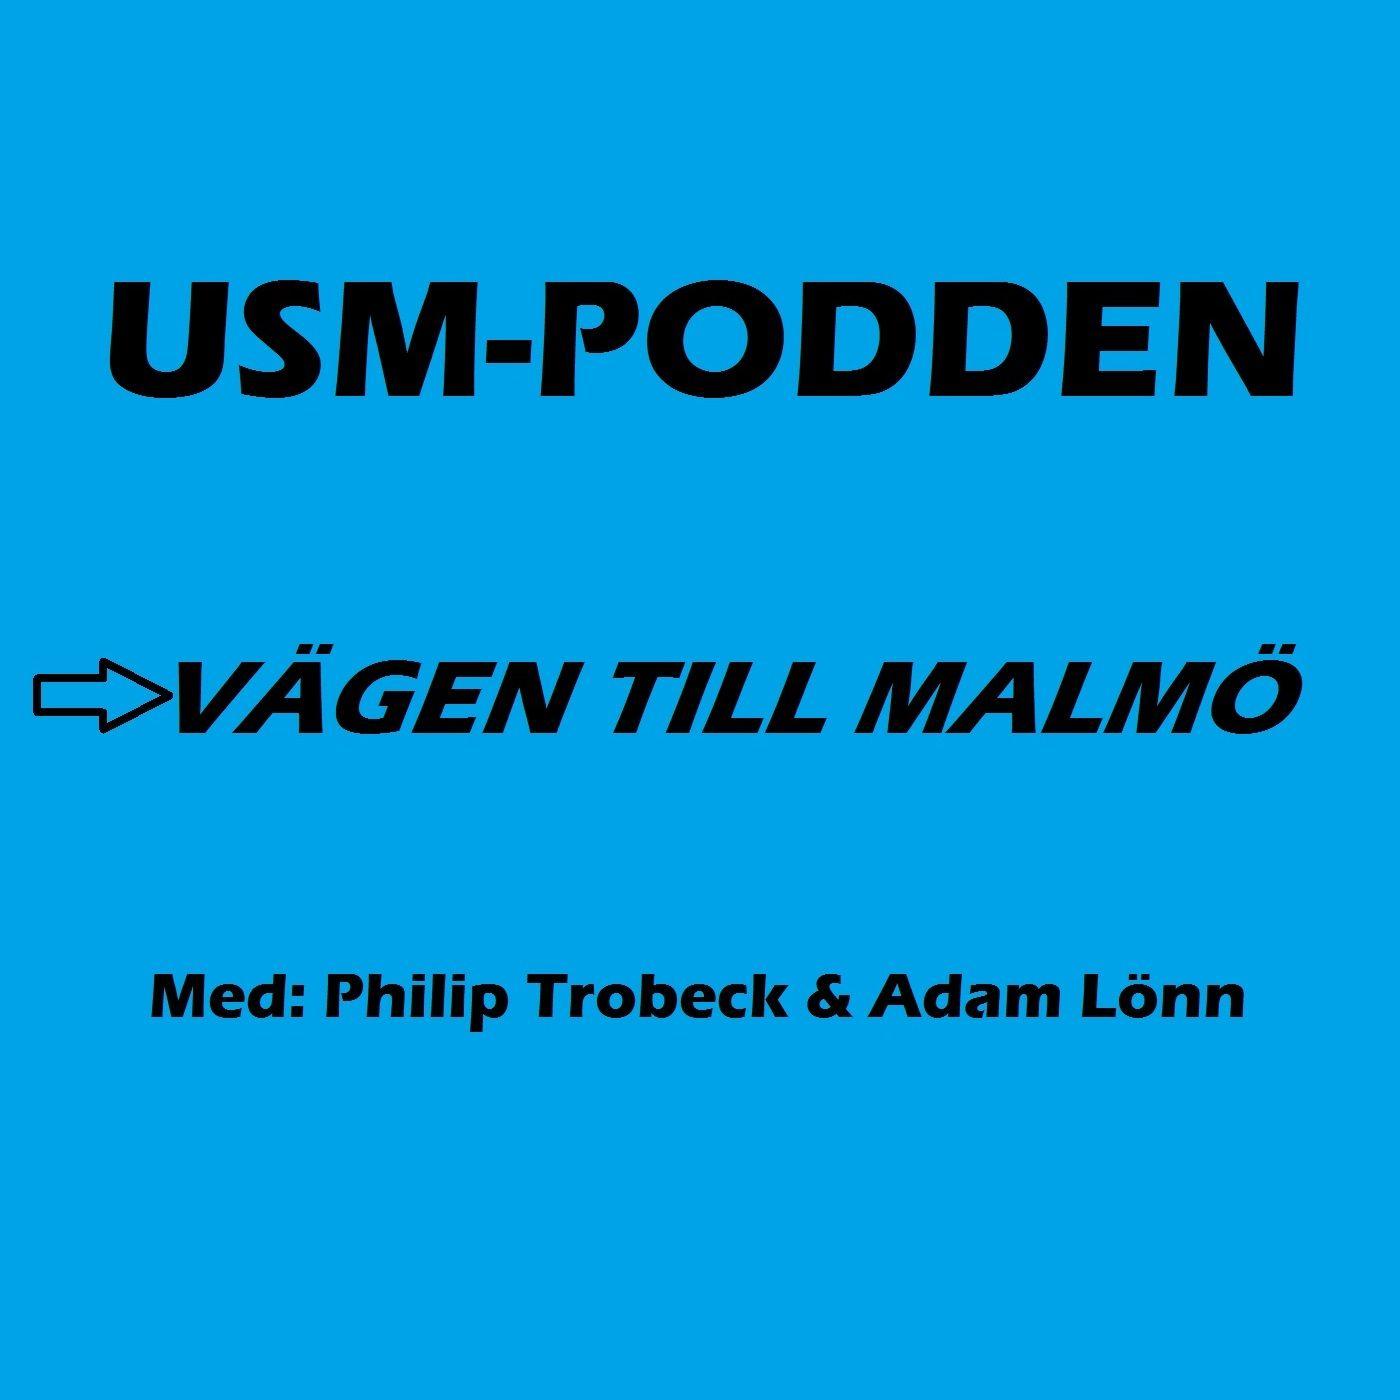 USM-PODDEN - Vägen till Malmö